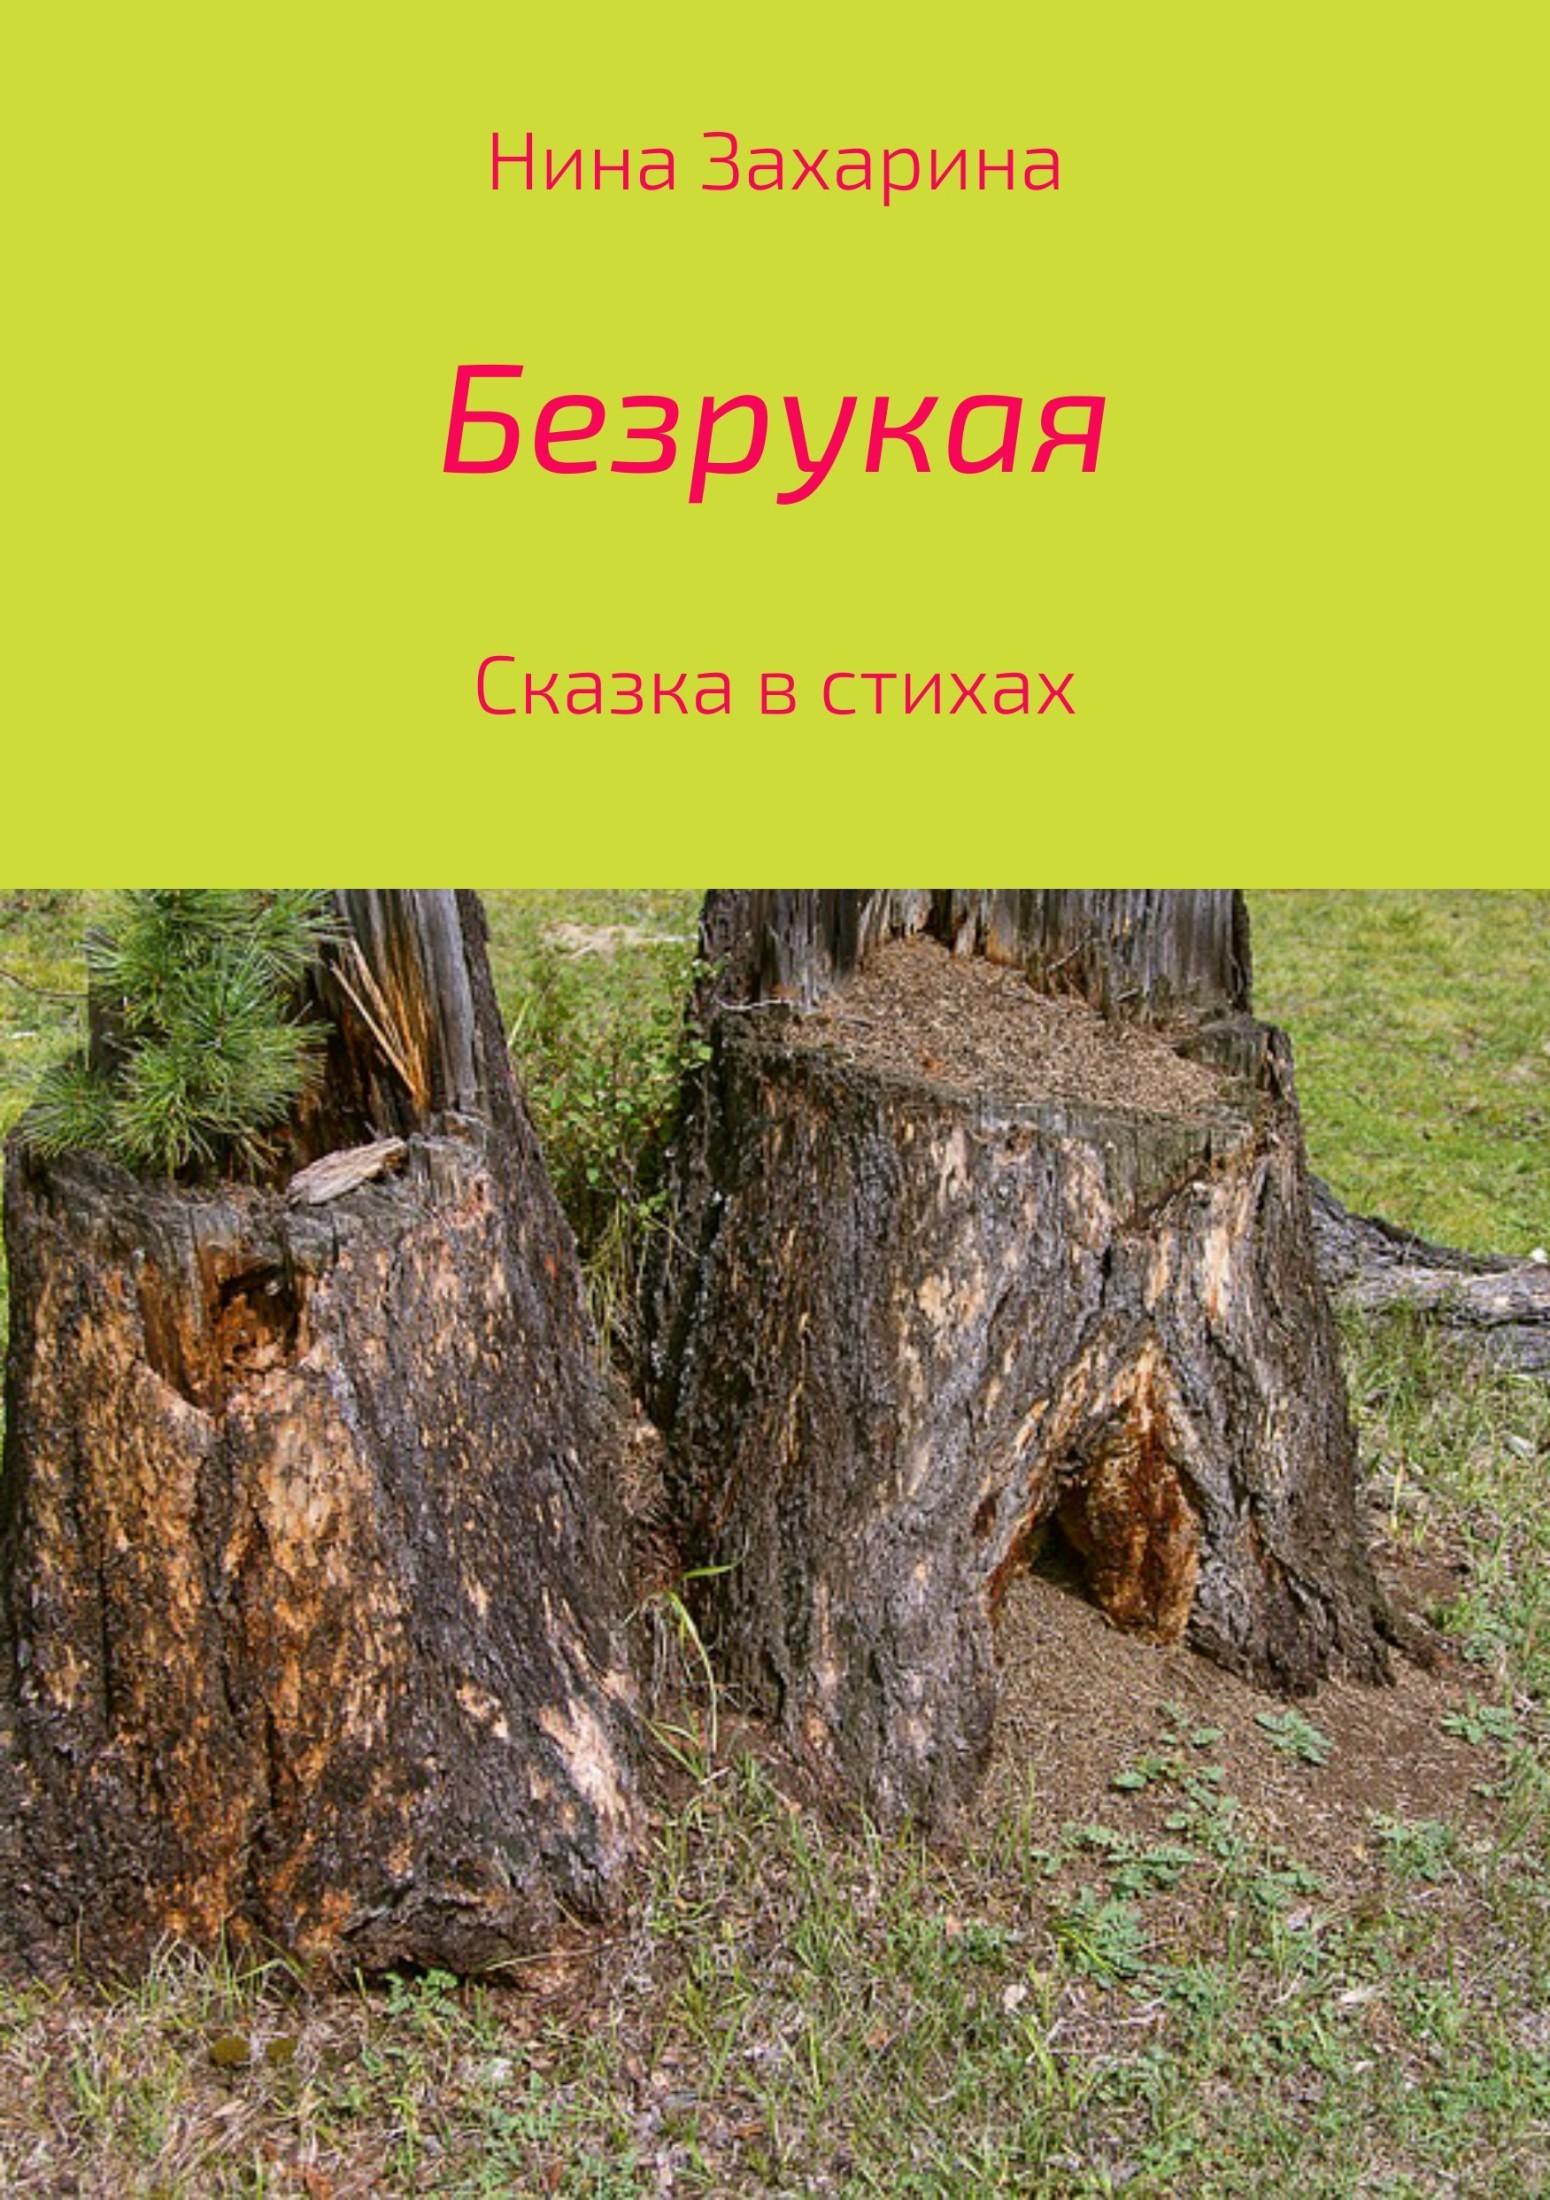 Нина Захарина - Безрукая